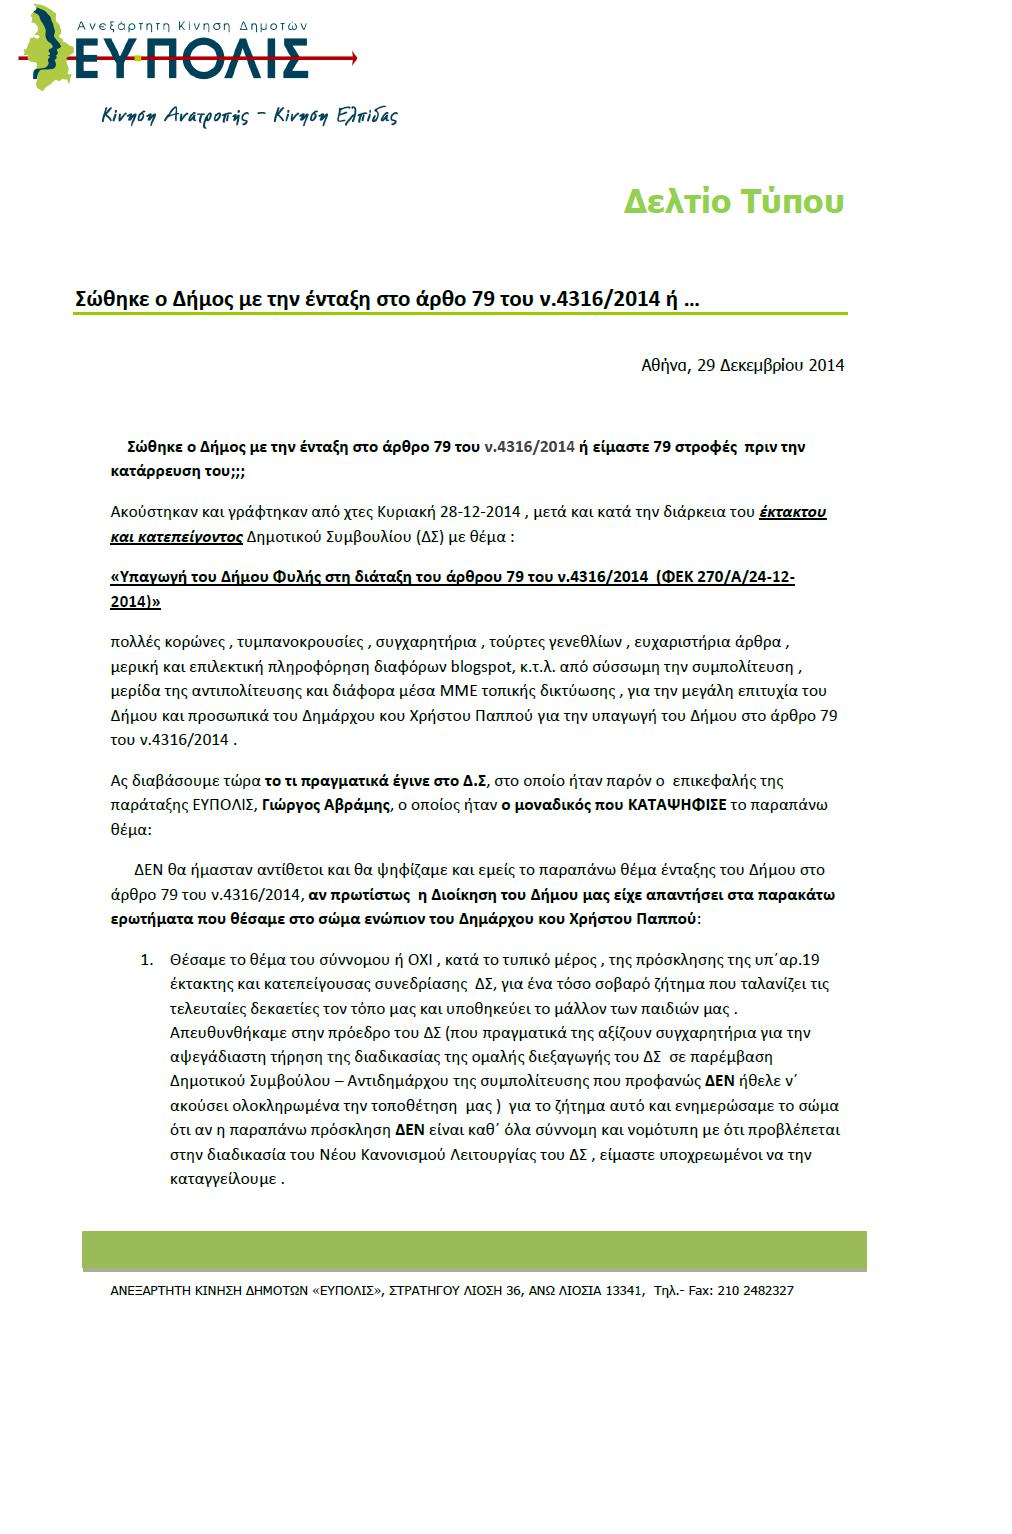 Αβράμης Γιώργος :Σώθηκε ο Δήμος με την ένταξη στο άρθο 79 του ν.4316/2014 ή …